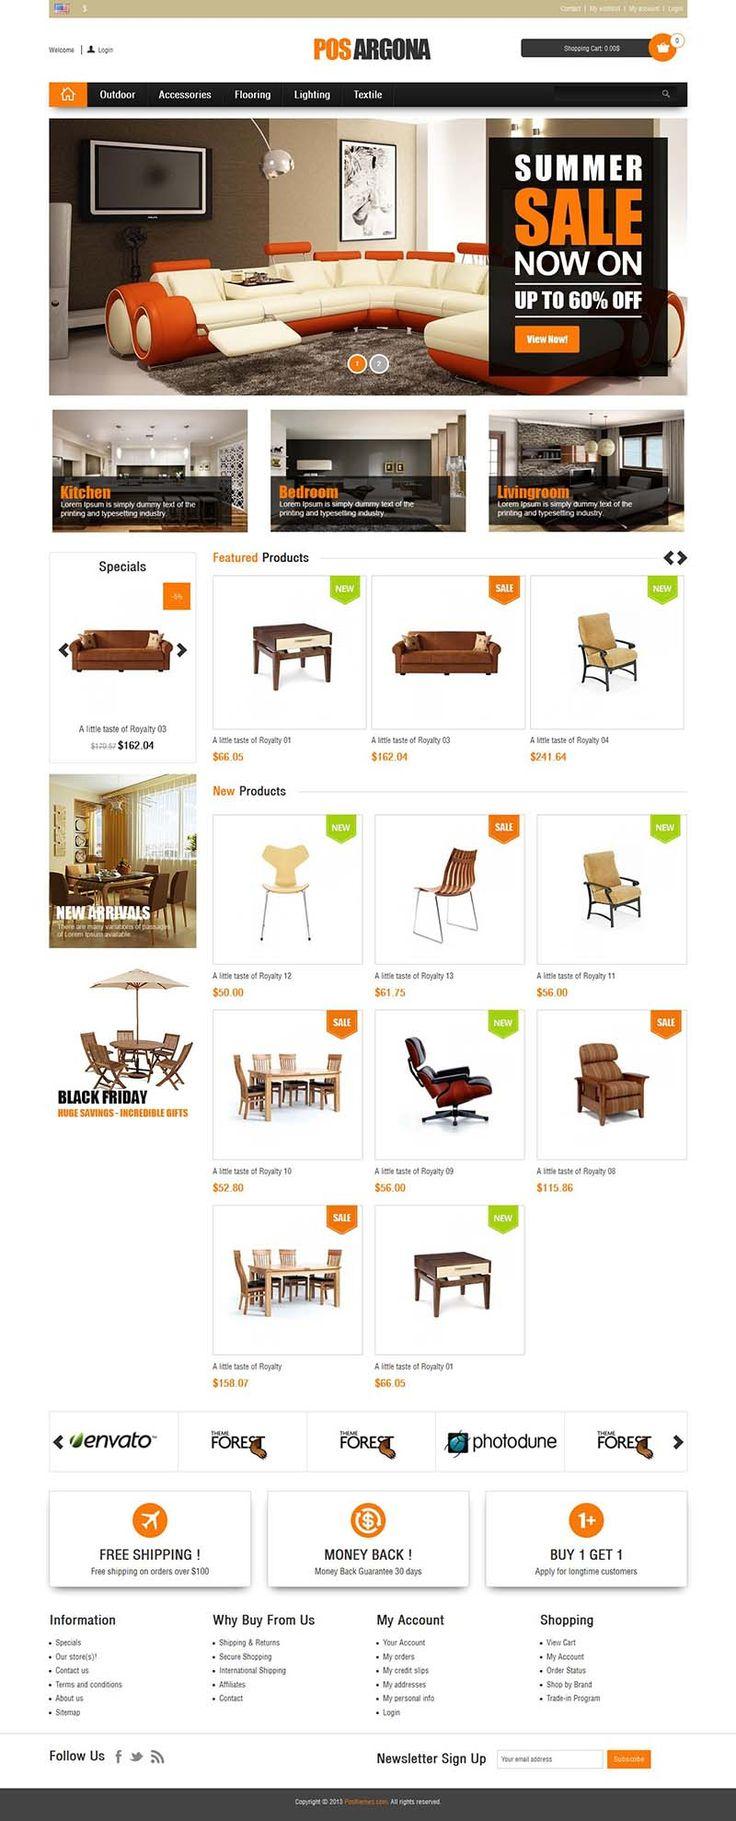 Pos Argona - Responsive #Prestashop Theme for Furniture, Watches, Bikes